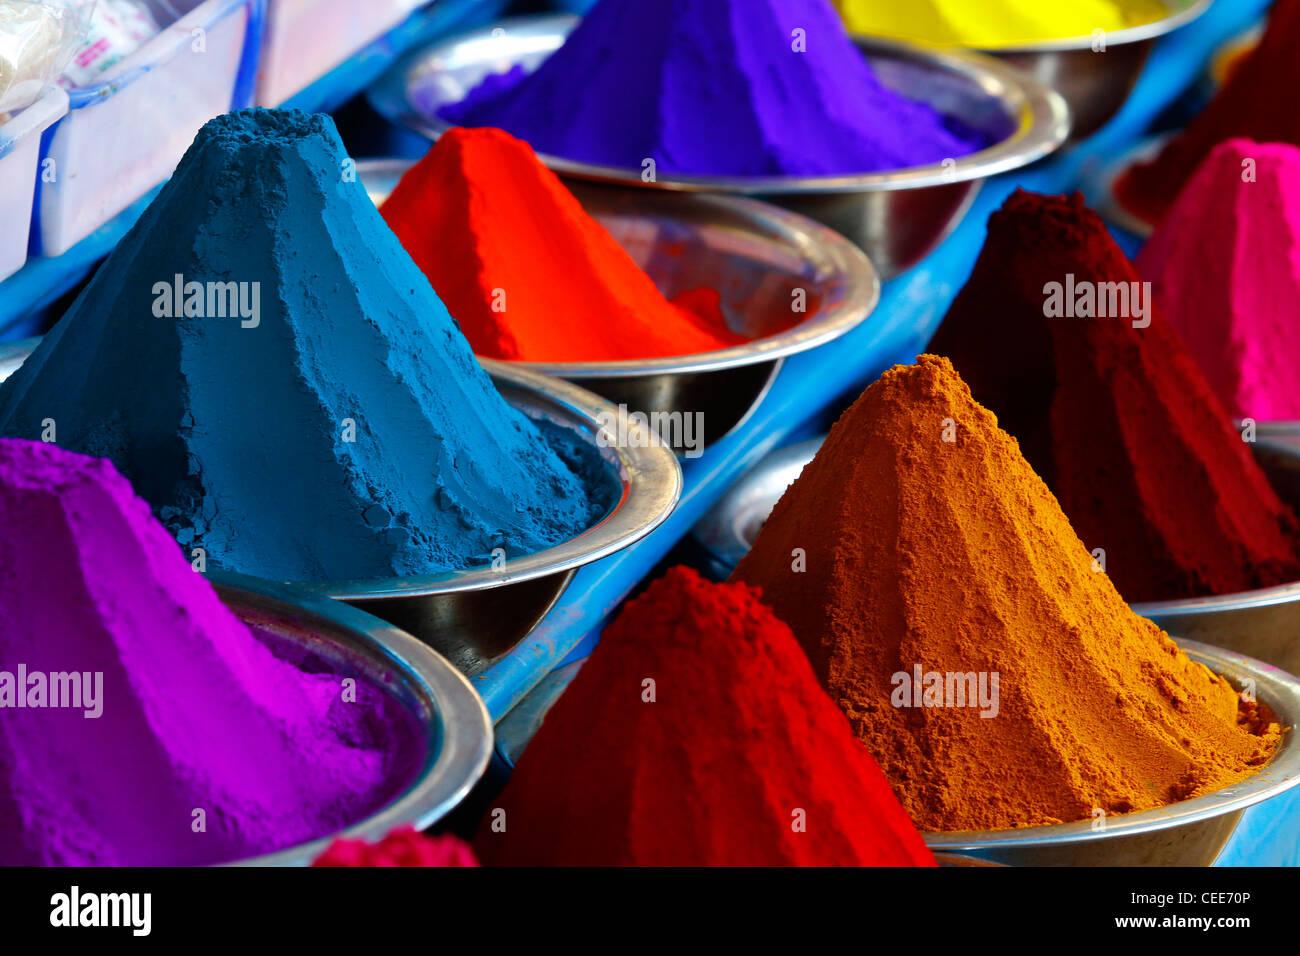 Gepudert Farbstoffe in verschiedenen Farben zum Verkauf auf dem Markt der Devaraja in Mysore, Karnataka, Indien. Stockbild